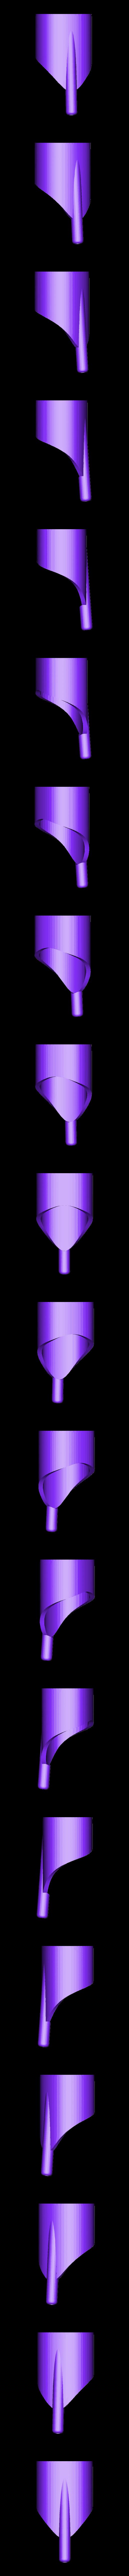 thimble2_part_1.stl Télécharger fichier STL gratuit Kara Kesh (arme de poing goa'uld) • Plan pour imprimante 3D, poblocki1982